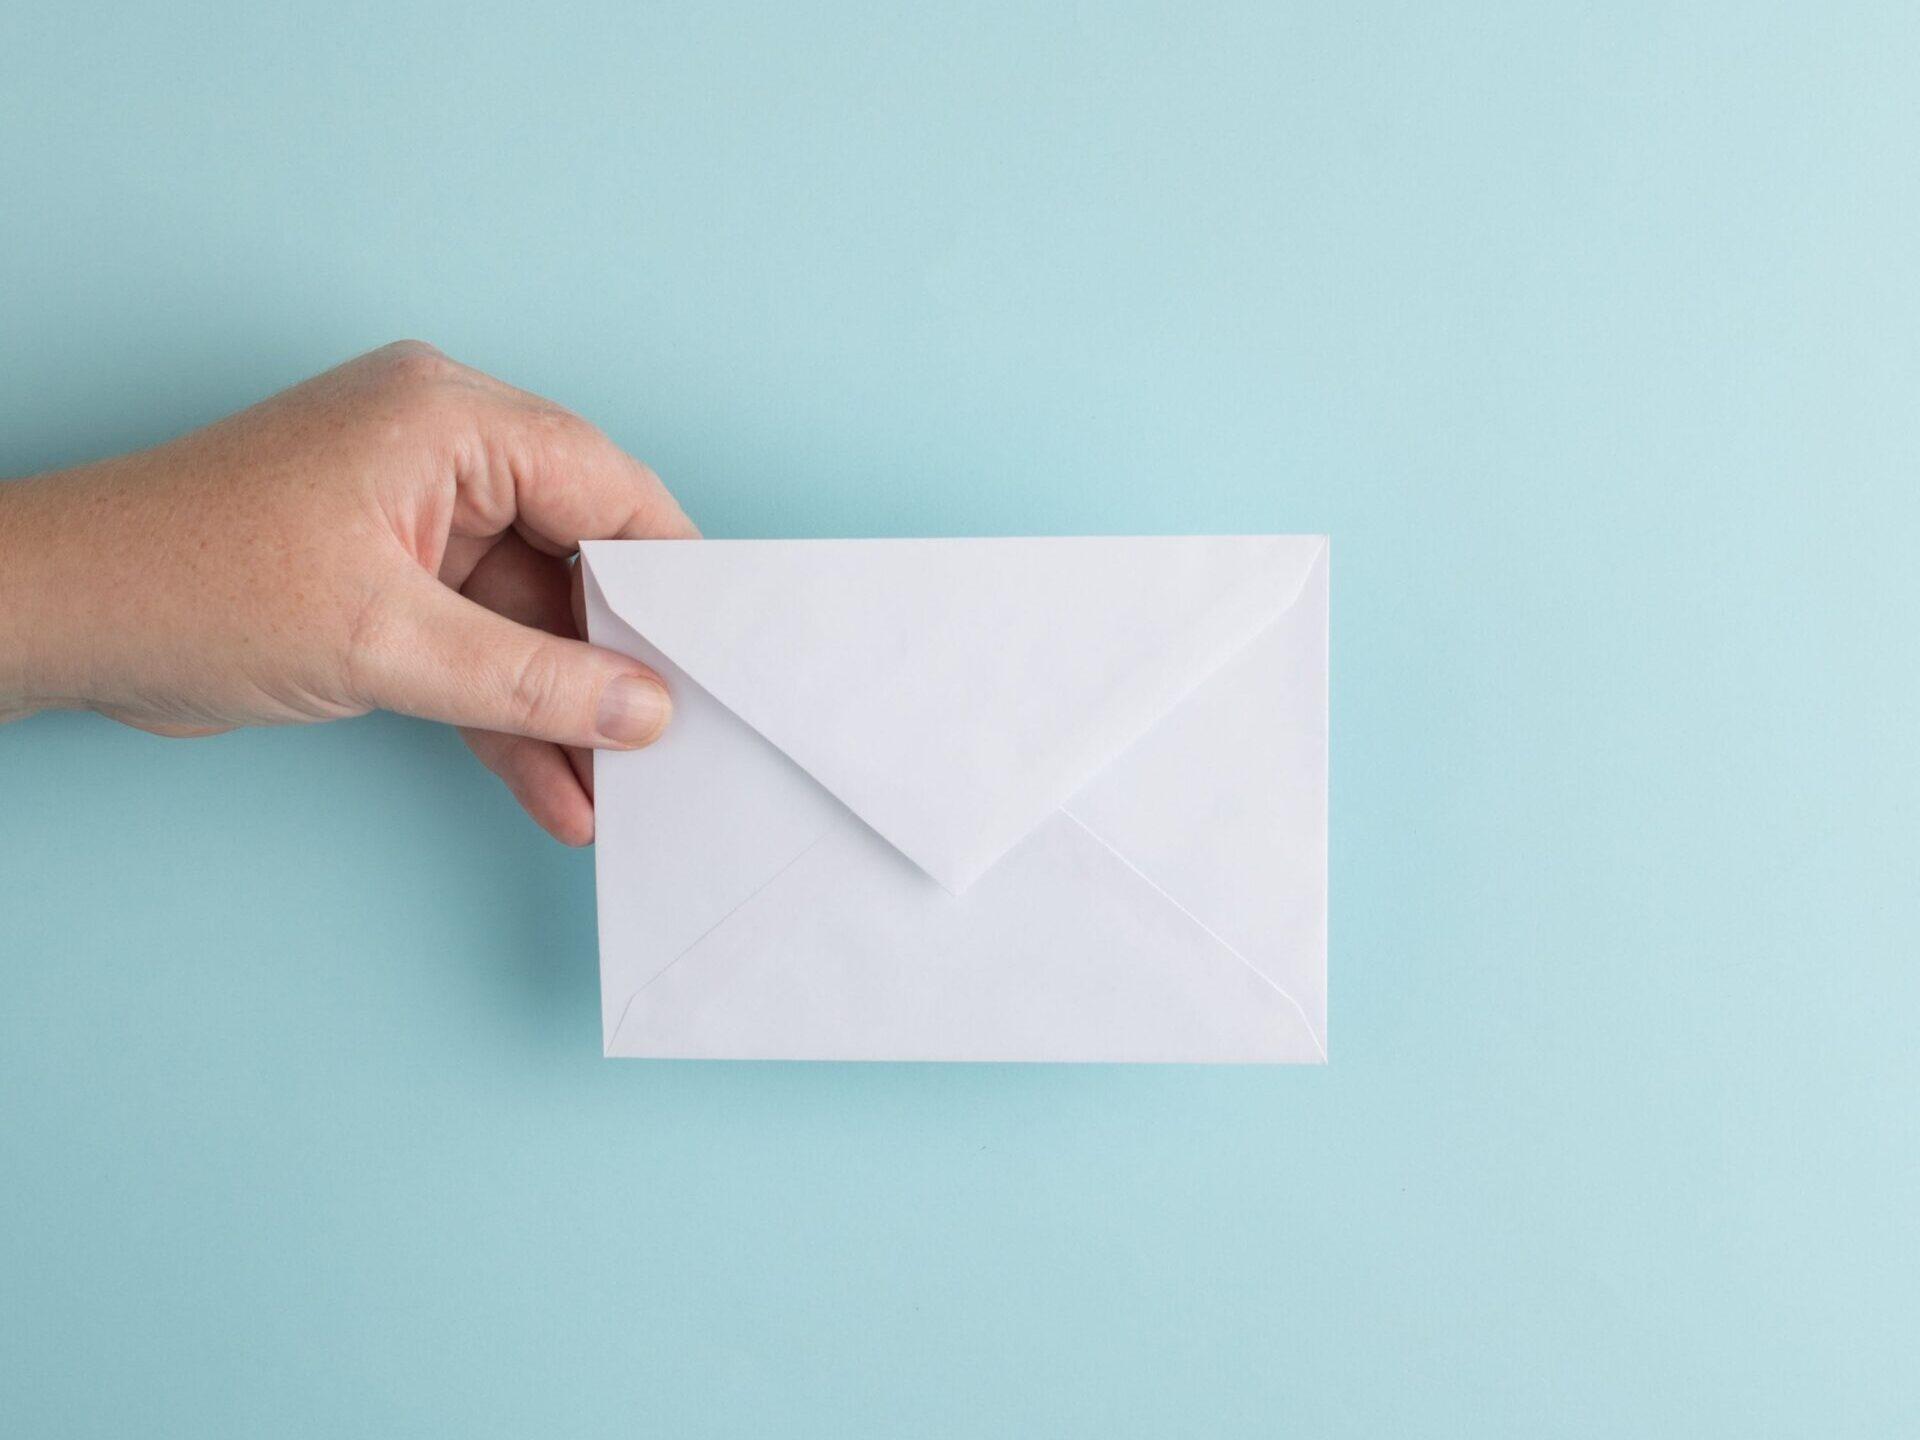 na niebieskim tle kobieca dłoń trzyma białą kopertę na listy